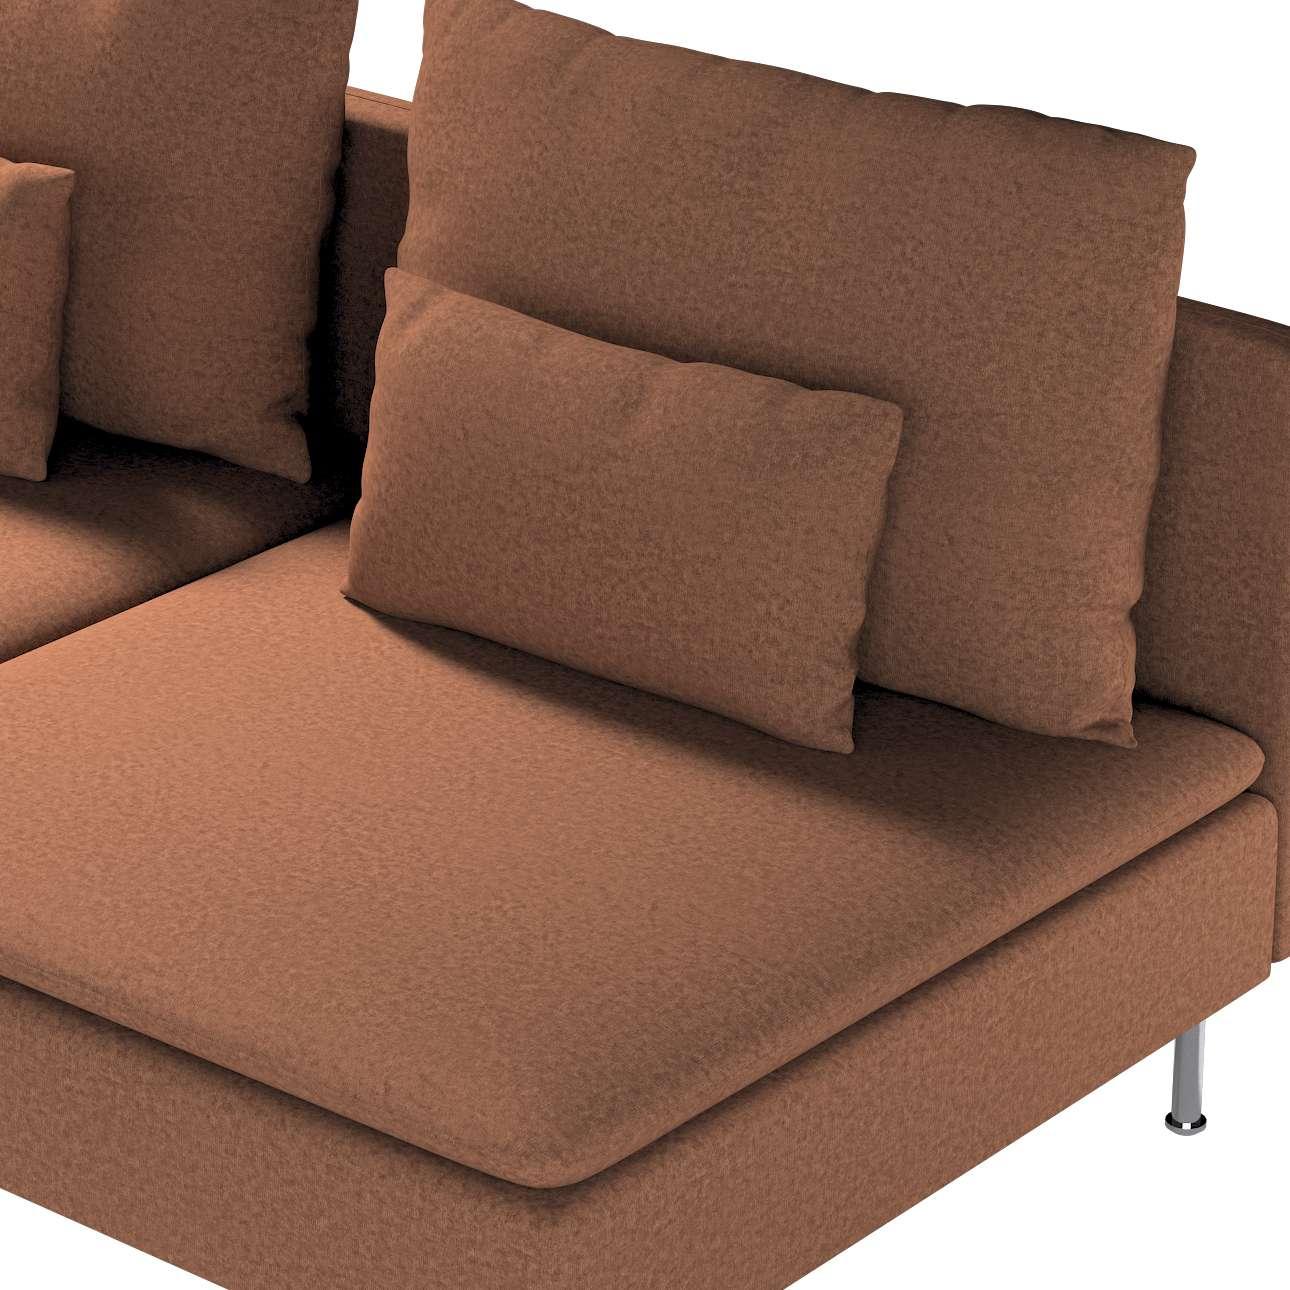 Bezug für Söderhamn Sitzelement 3 von der Kollektion Living, Stoff: 161-65